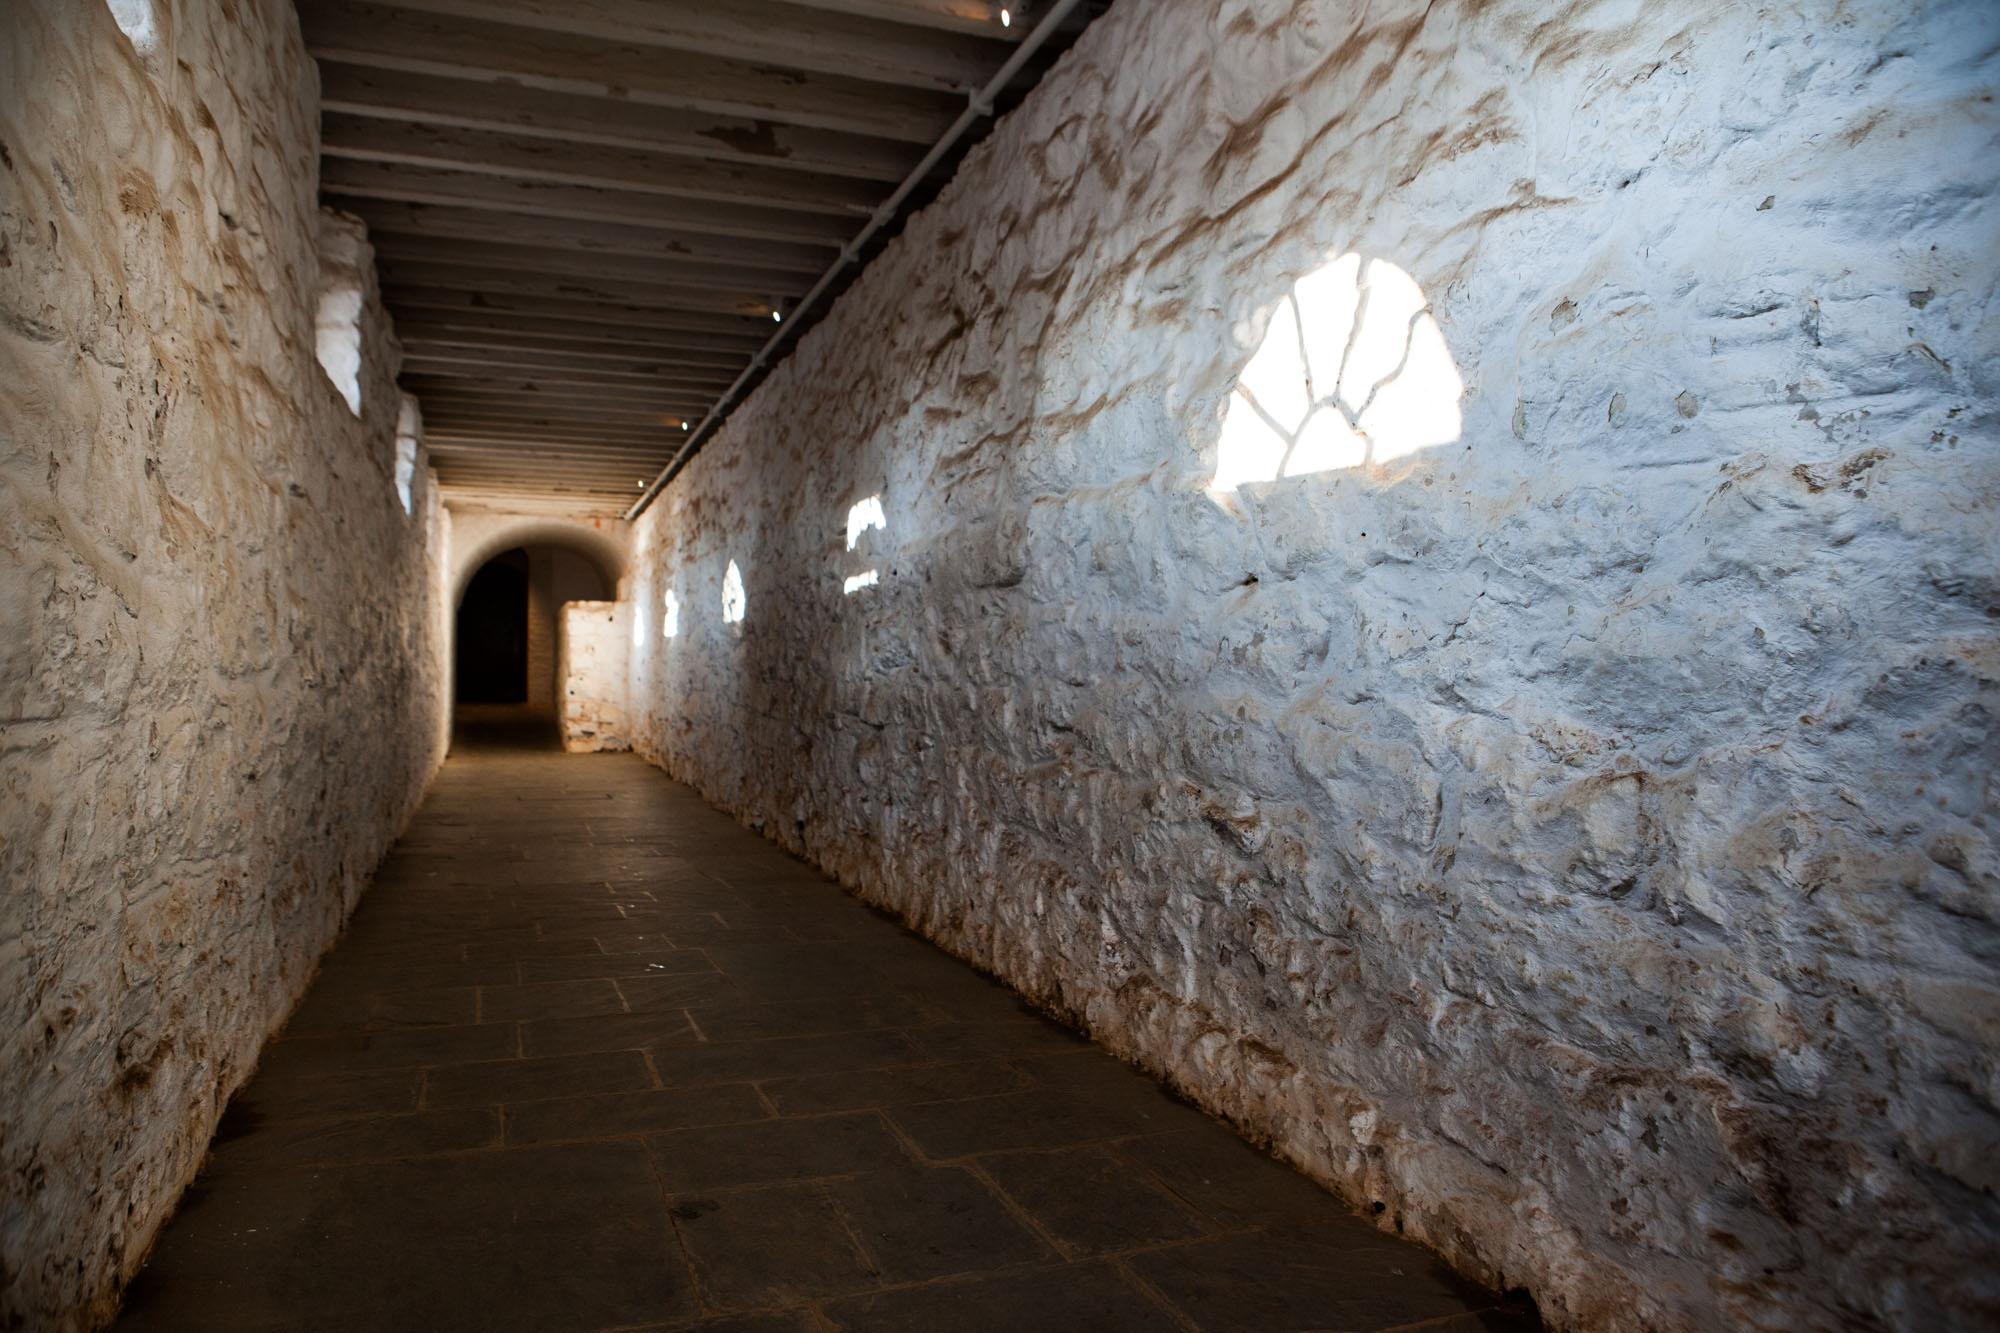 Monticello Tunnel